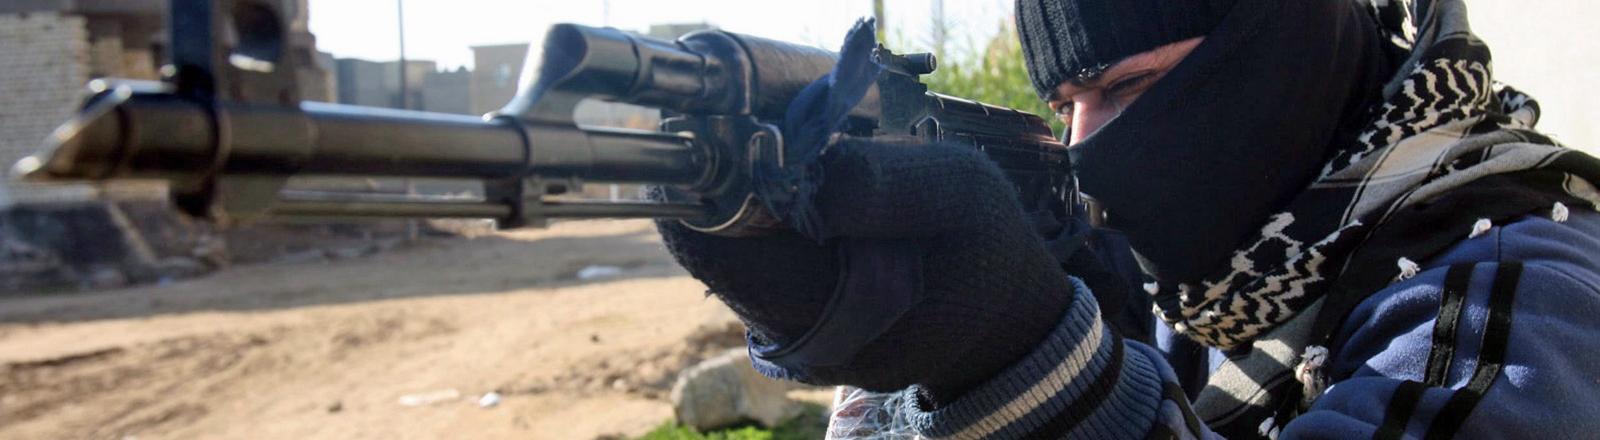 Ein sunnitischer Schütze zielt mit seinem Sturmgewehr.